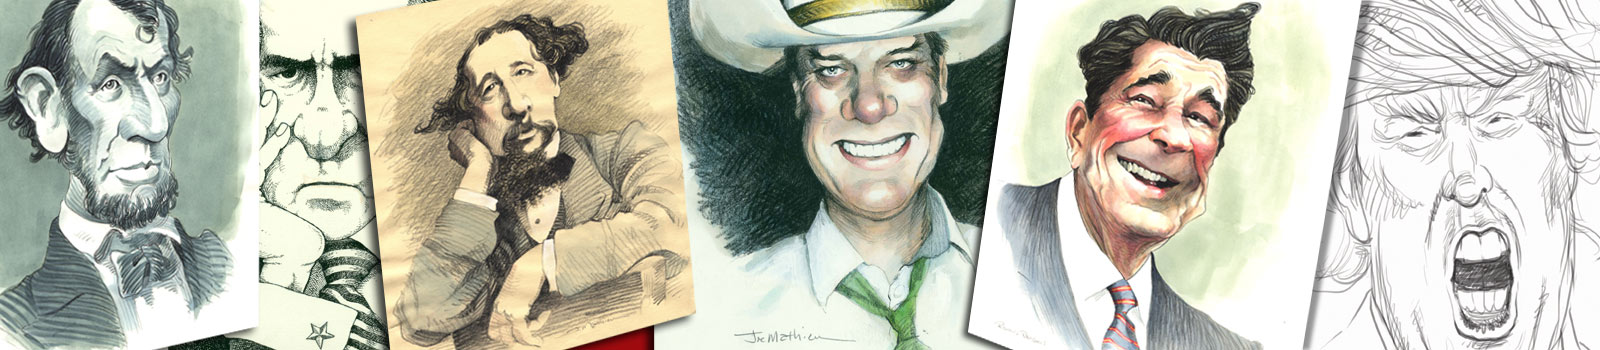 Joe Mathieu Caricatures